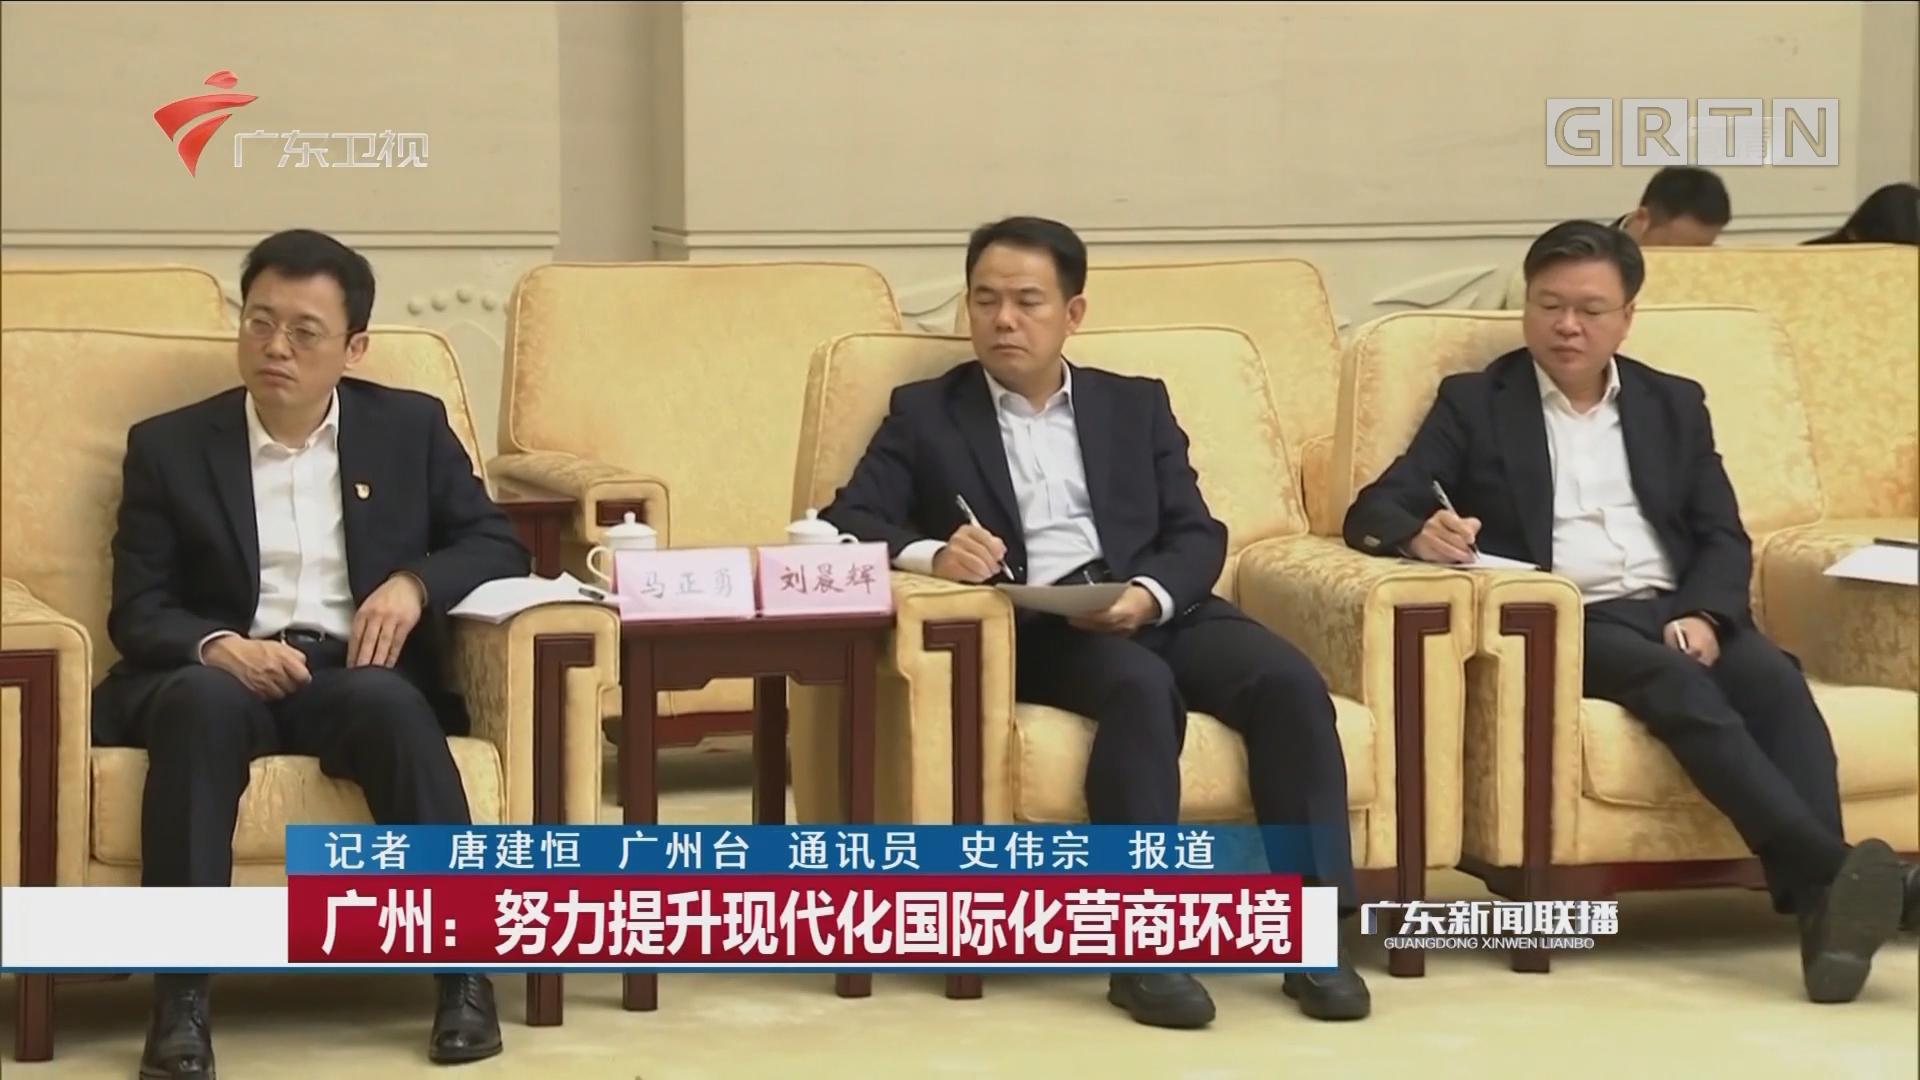 广州:努力提升现代化国际化营商环境